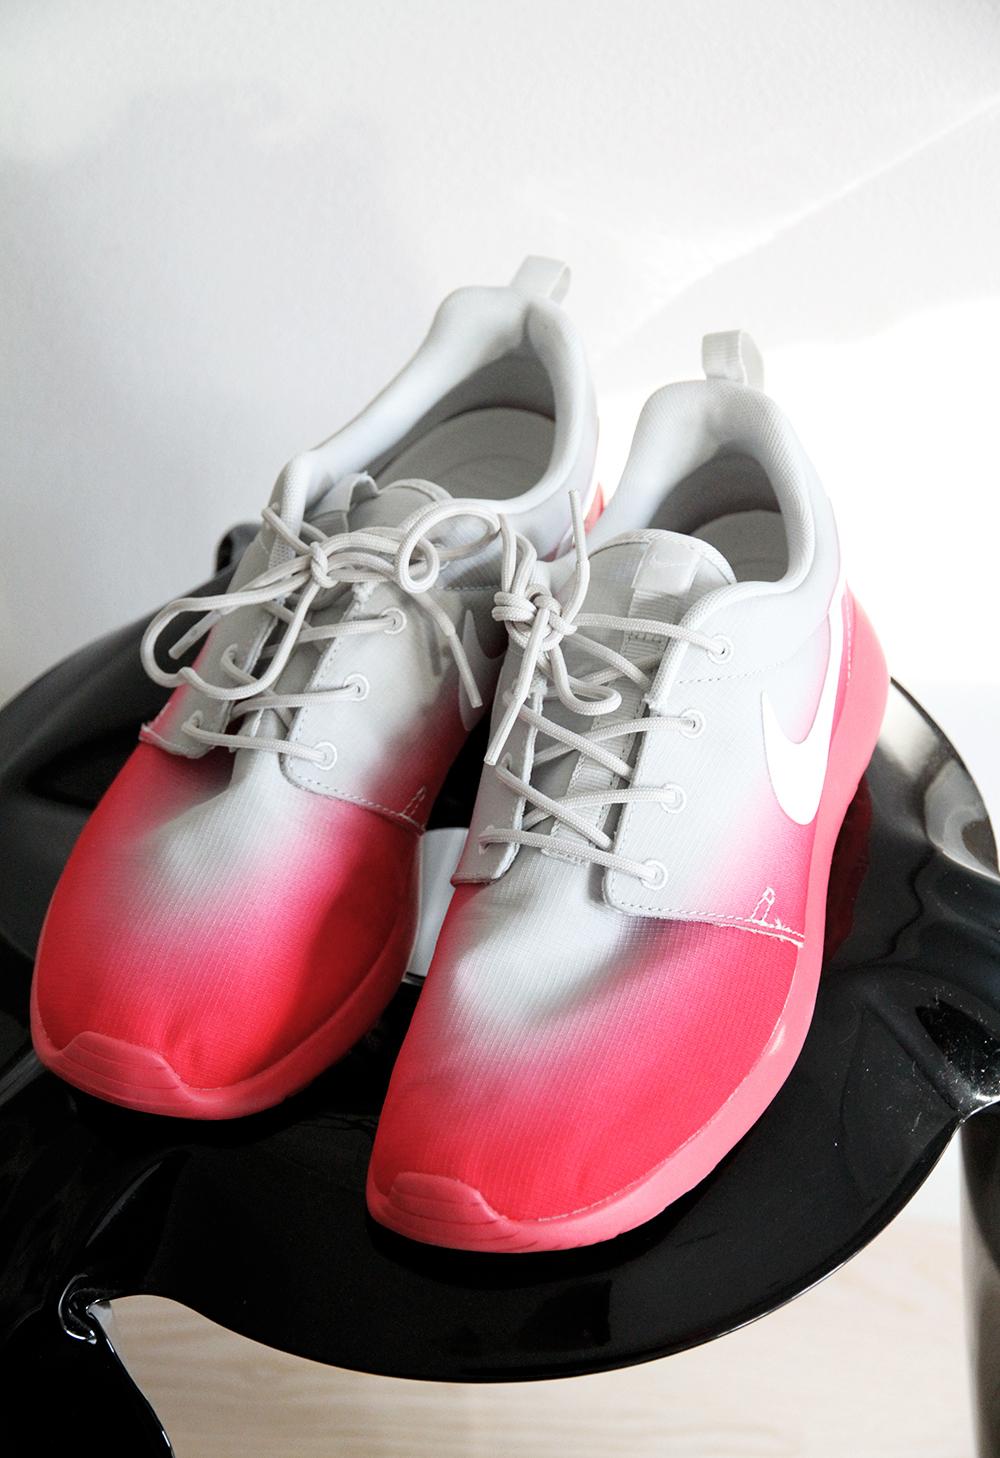 caliroots running shoes sneakers nike rosherun womens pink gray hunajaista blog